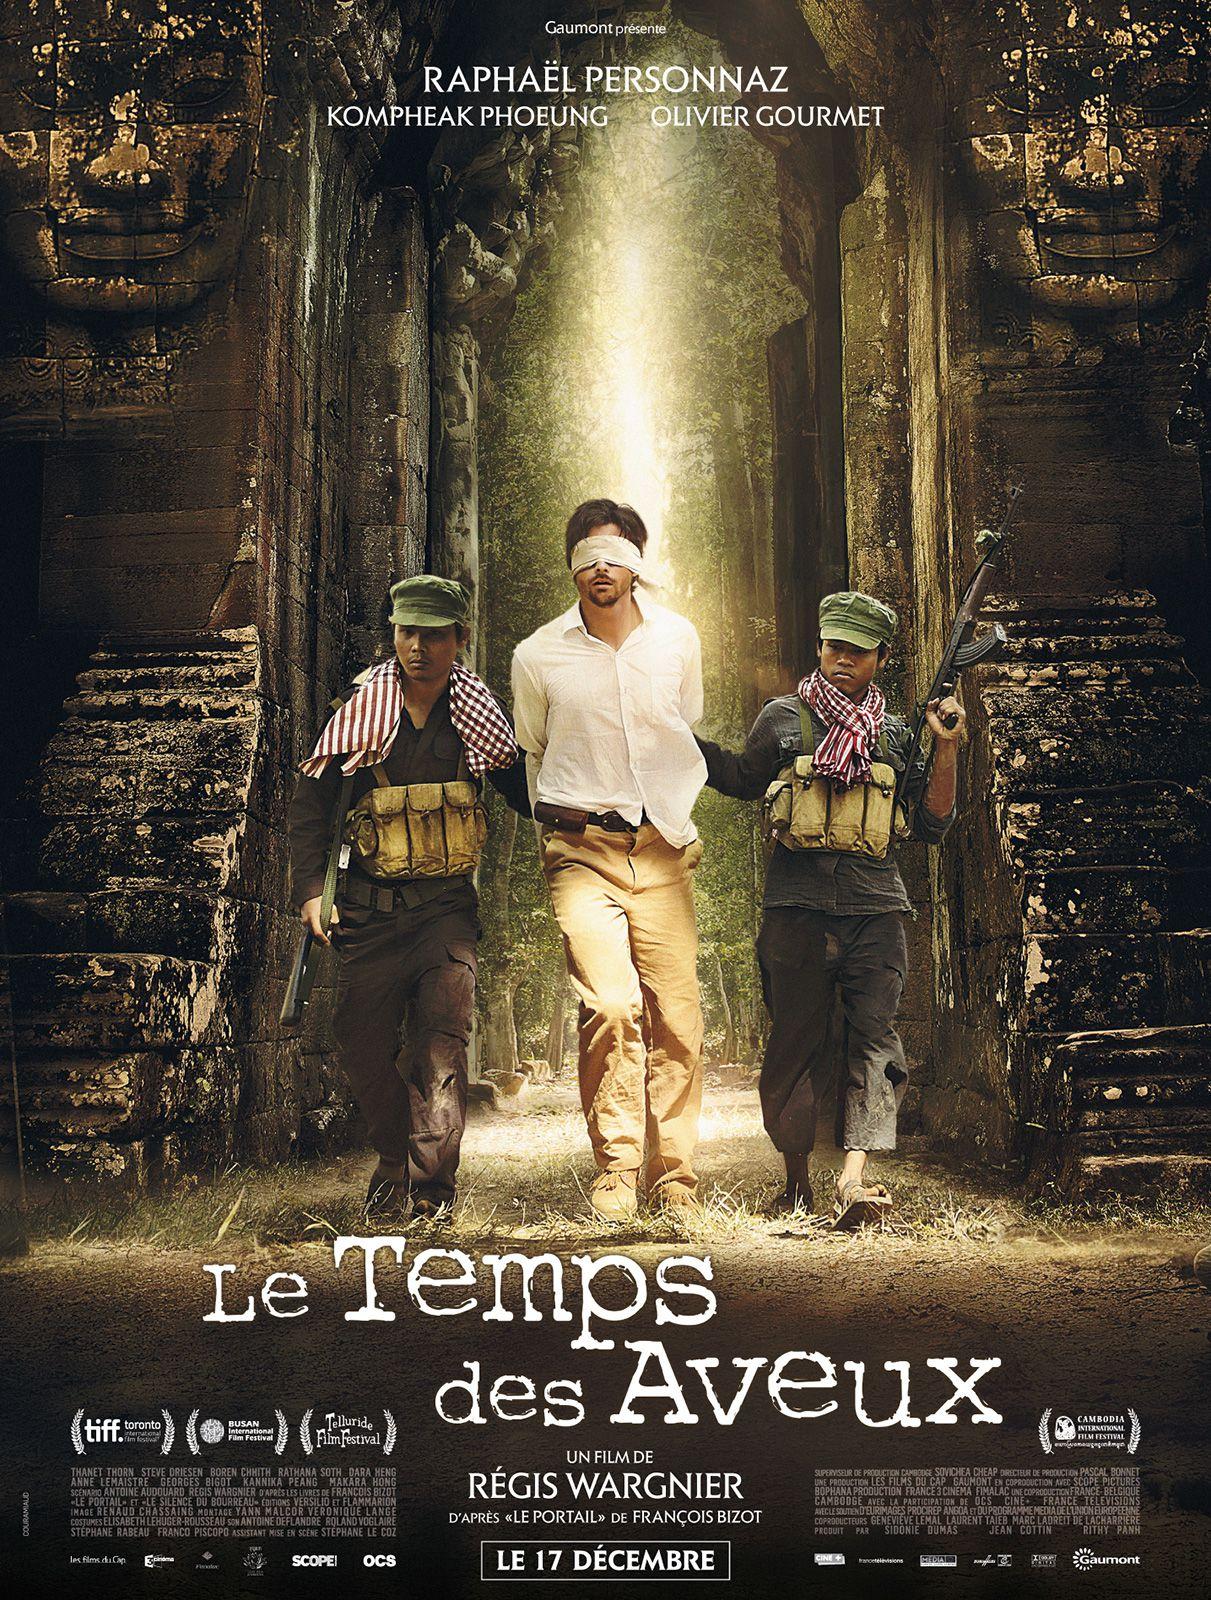 Le Temps des aveux - Film (2014)